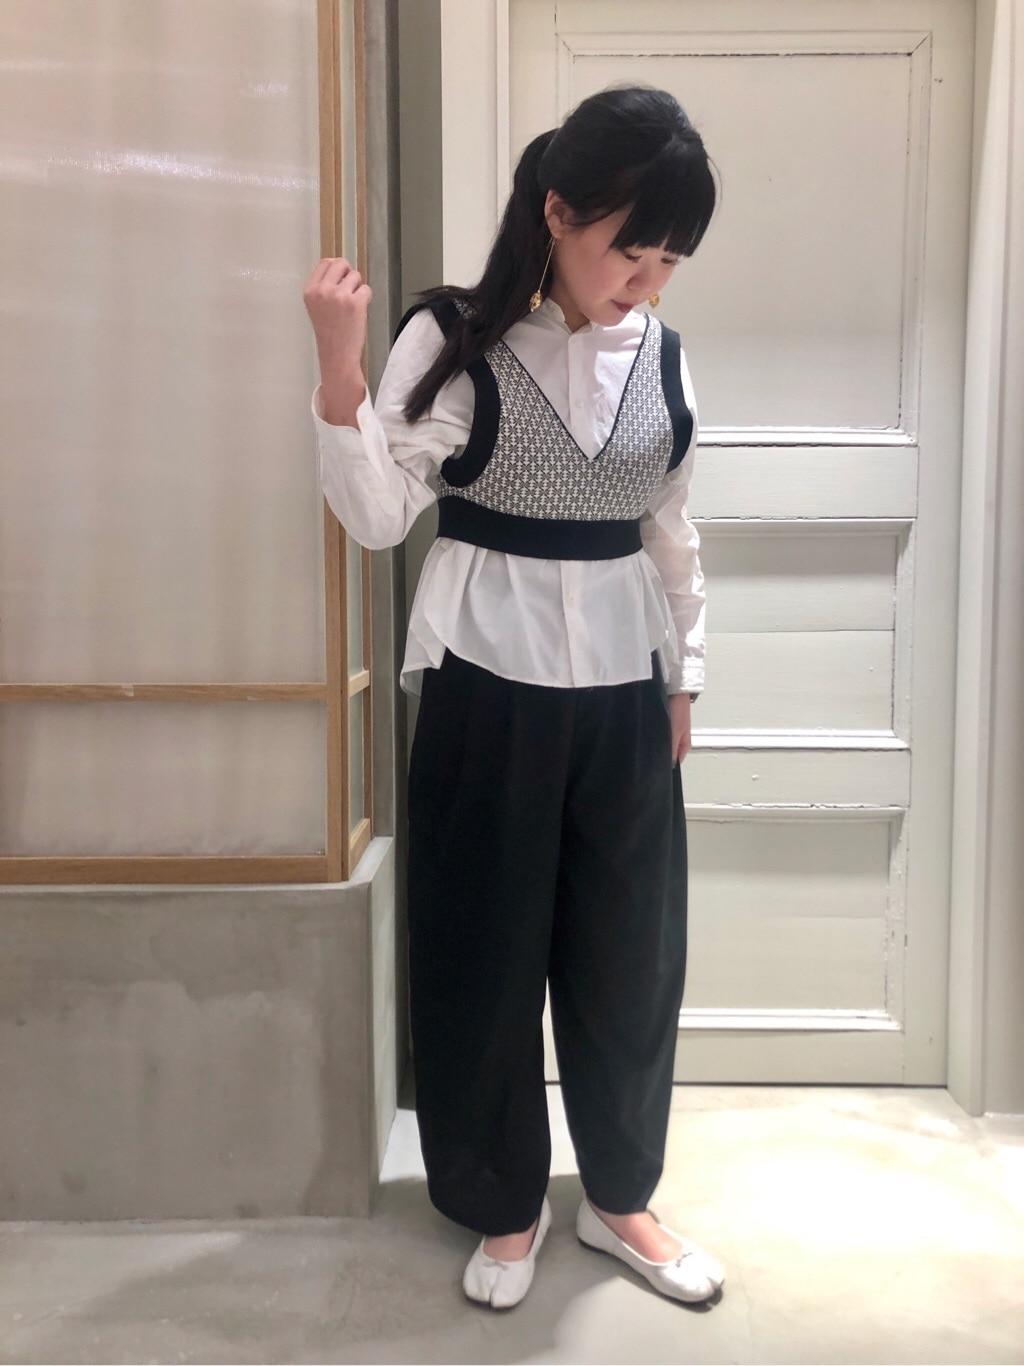 渋谷スクランブルスクエア 2020.03.24